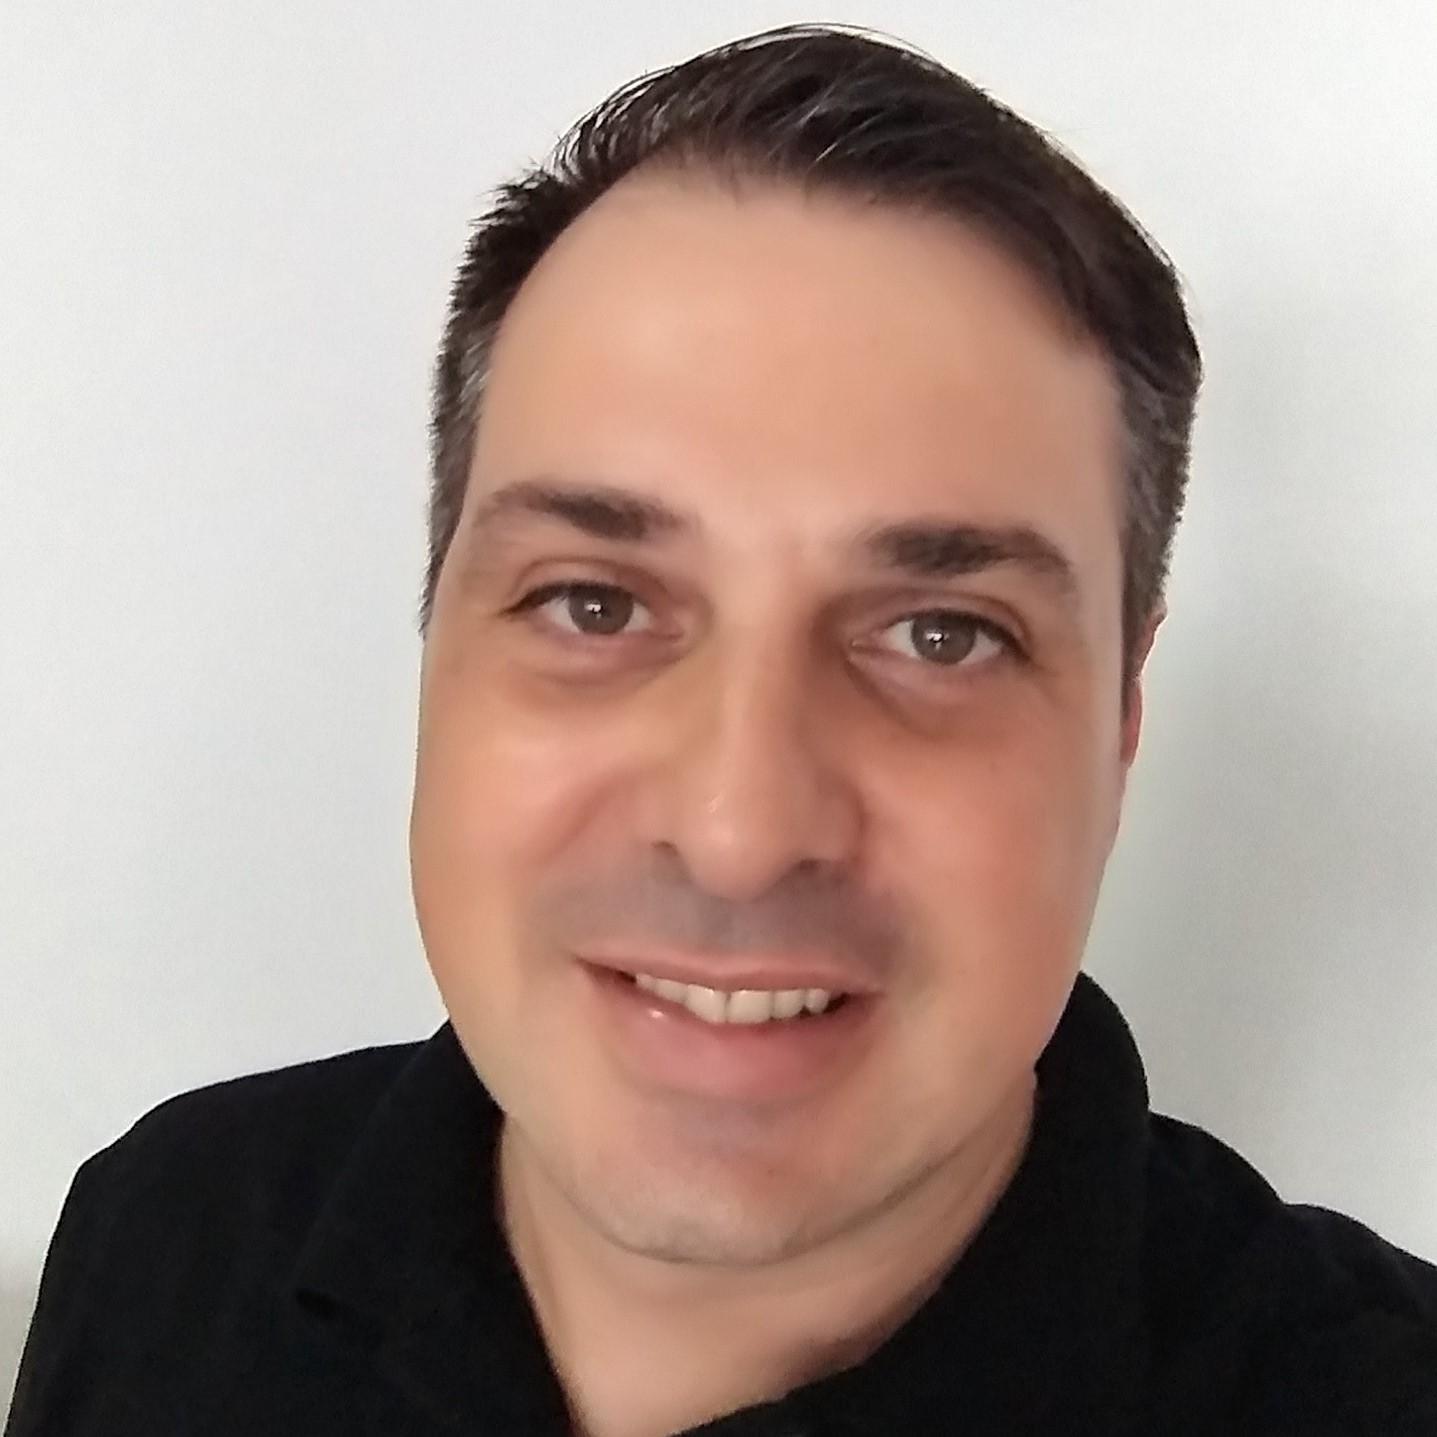 Gustavo da Silva Mesquita